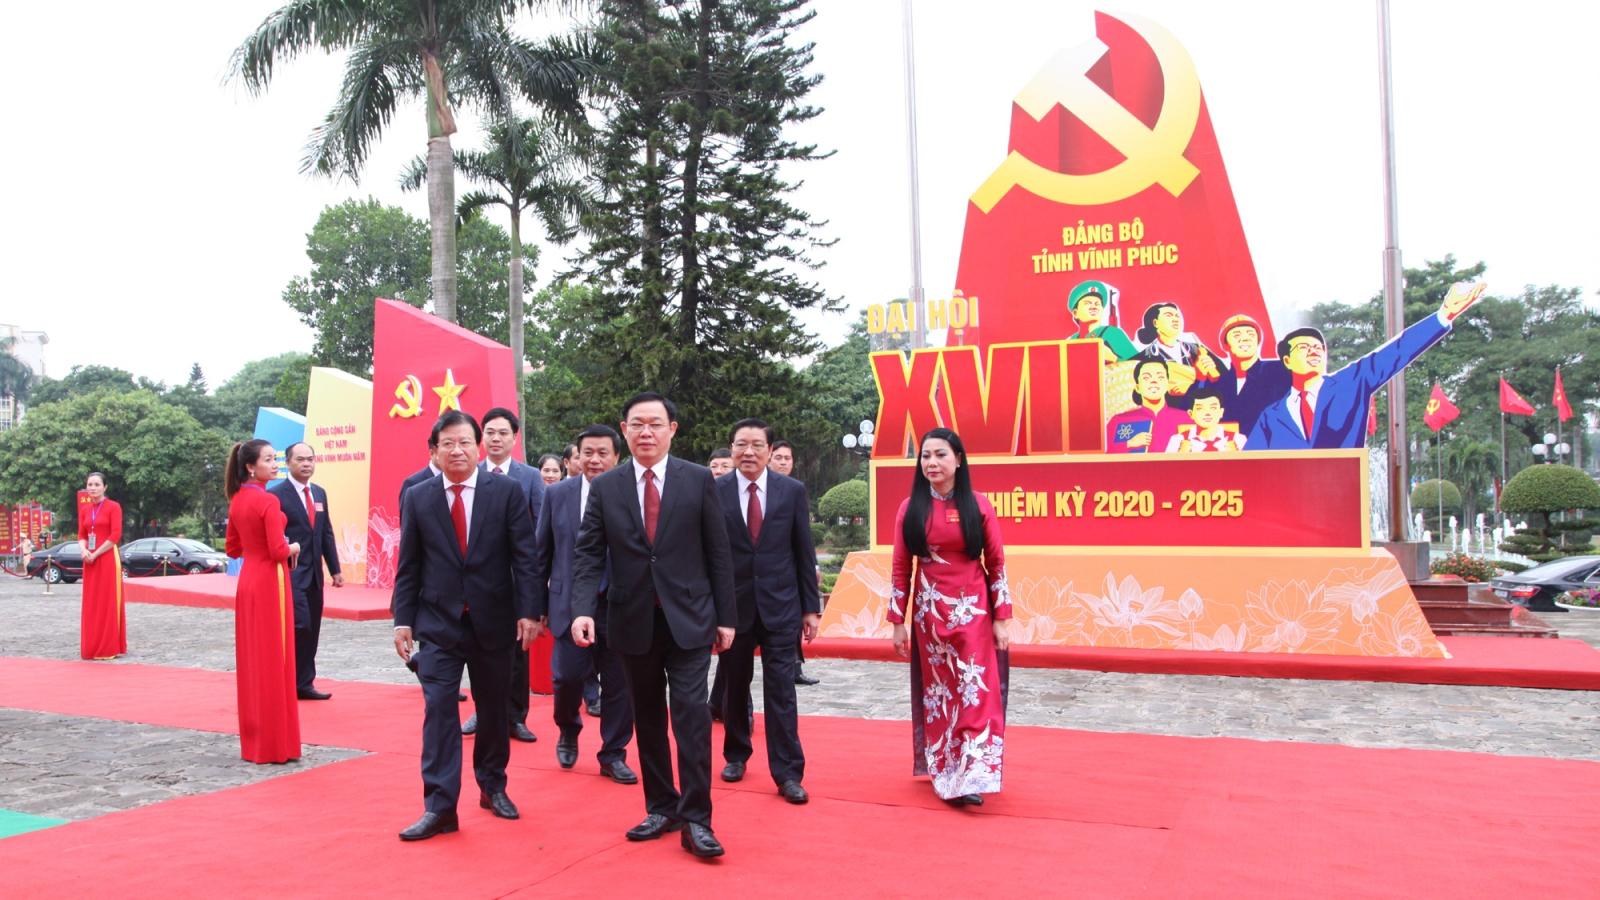 Ông Vương Đình Huệ dự, chỉ đạo Đại hội Đảng bộ tỉnh Vĩnh Phúc lần thứ XVII